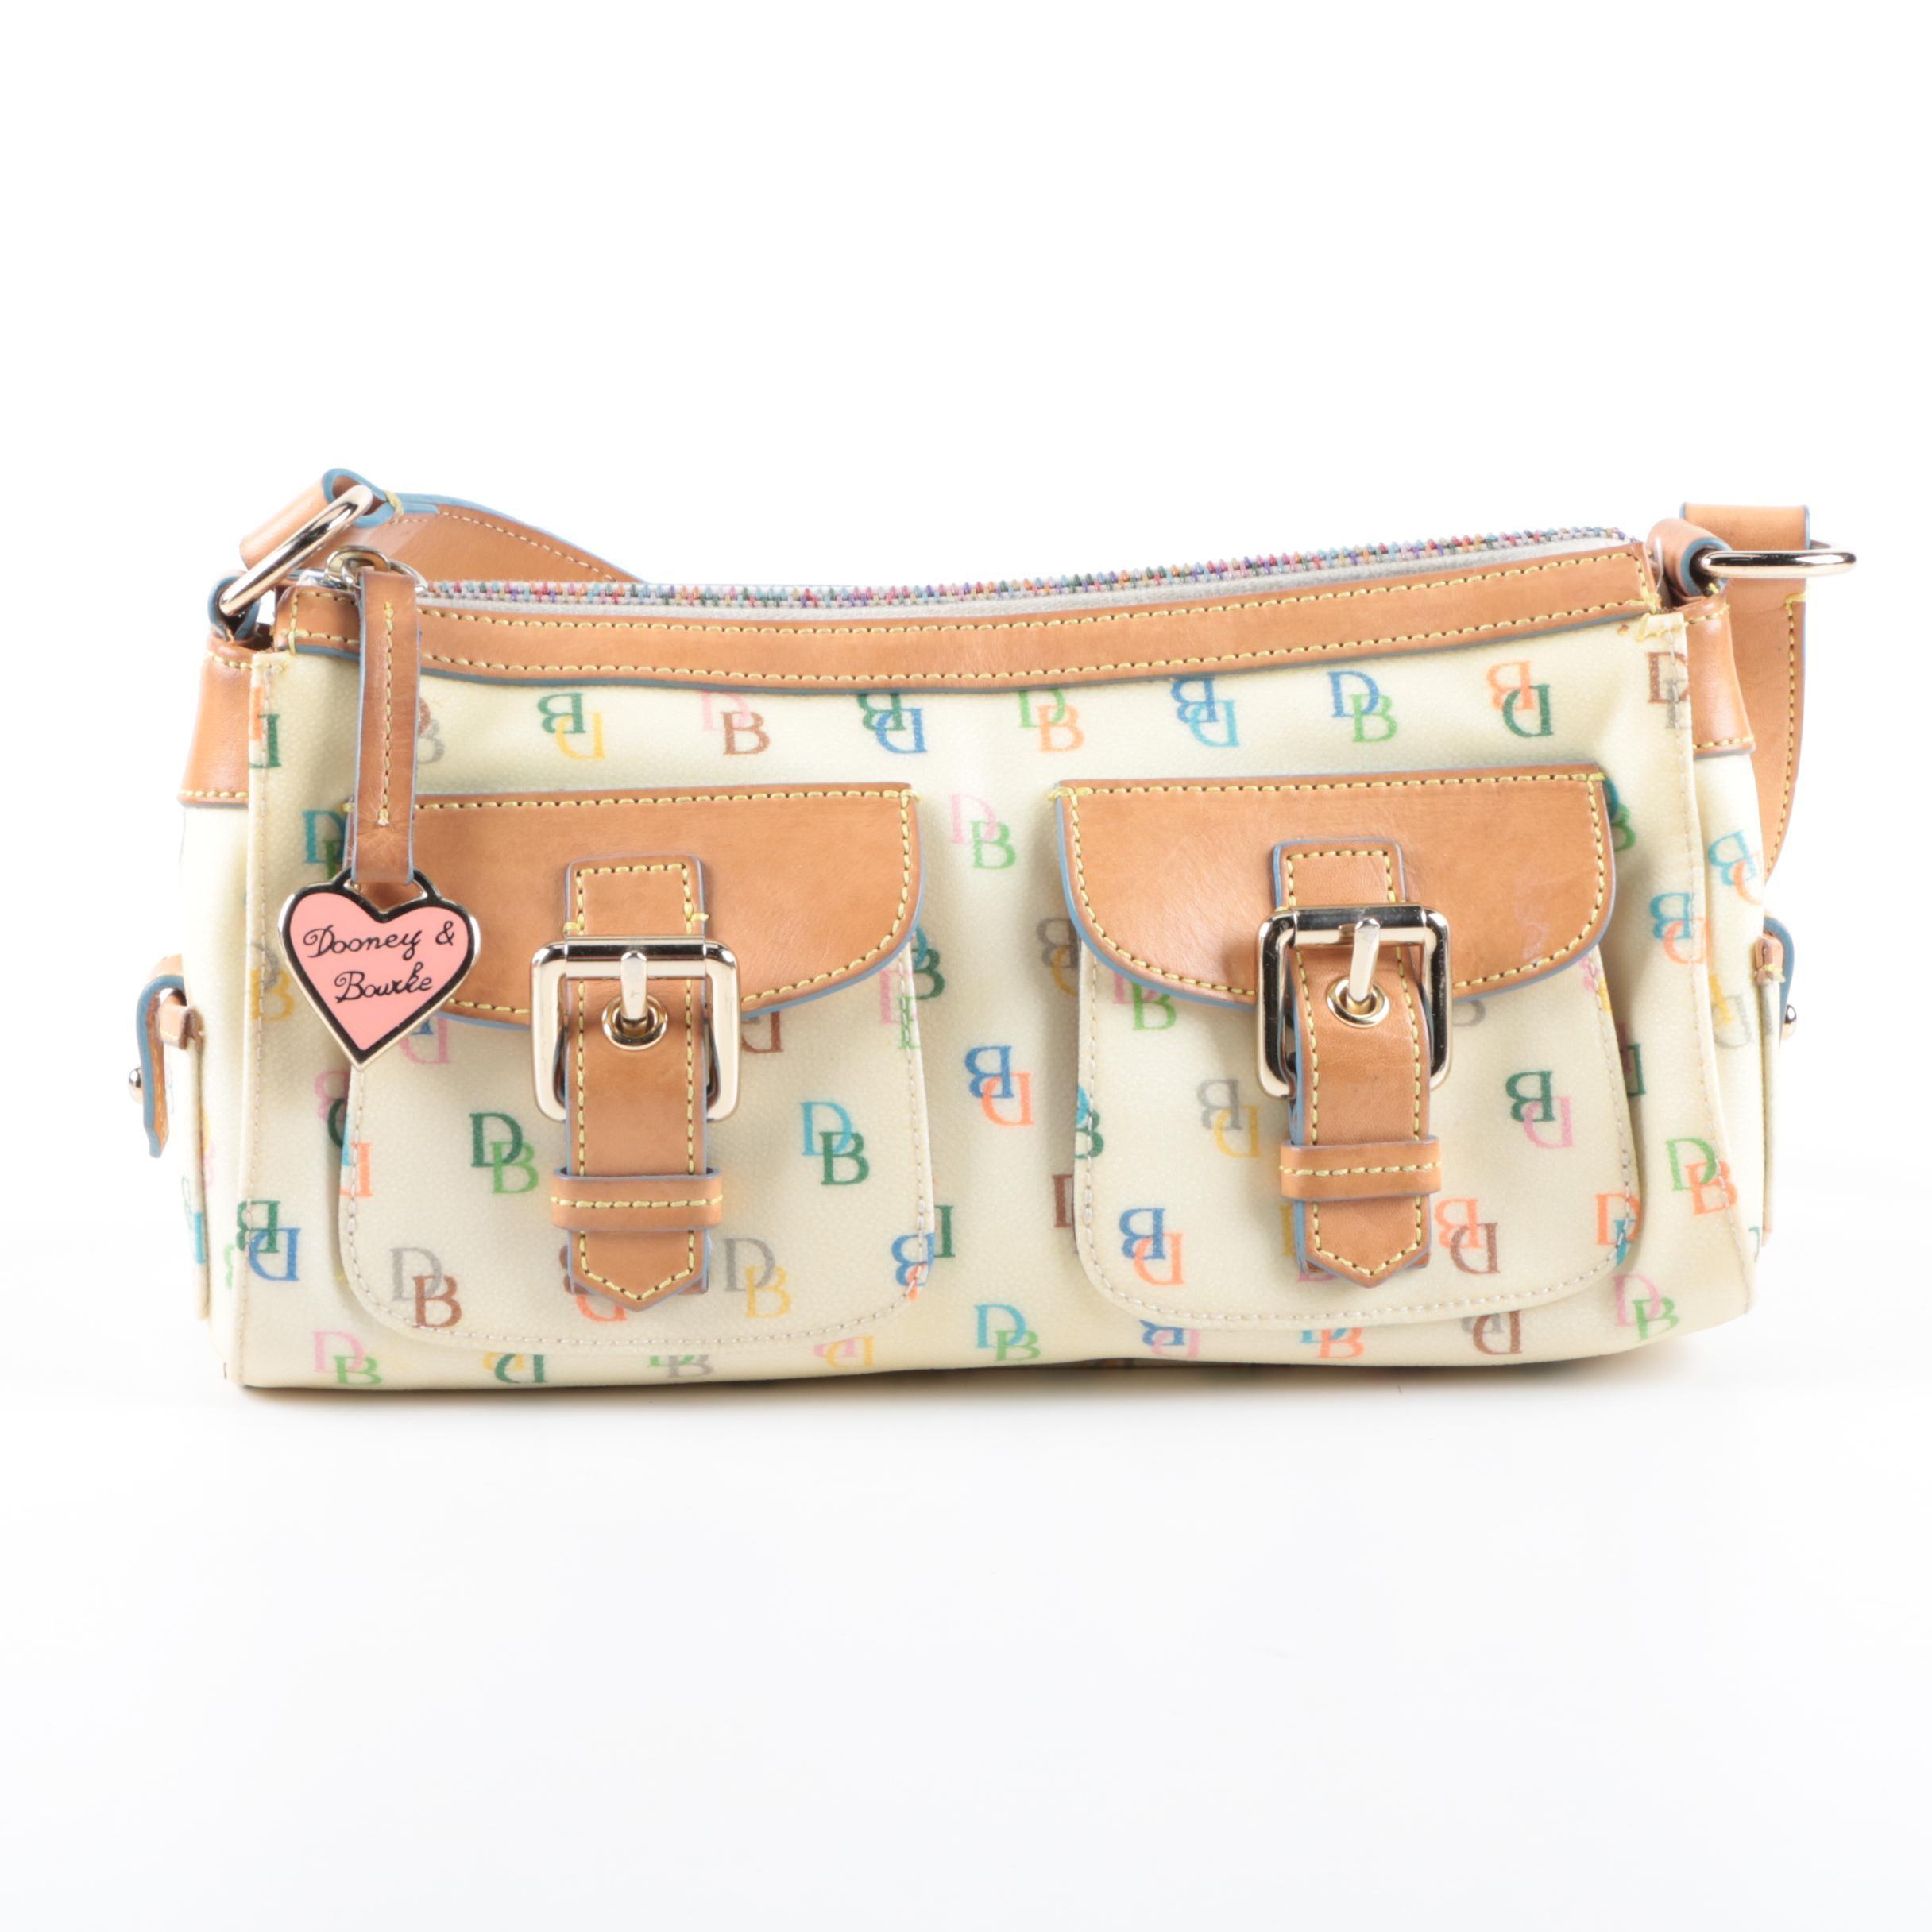 Dooney & Bourke Monogrammed Coated Canvas Handbag